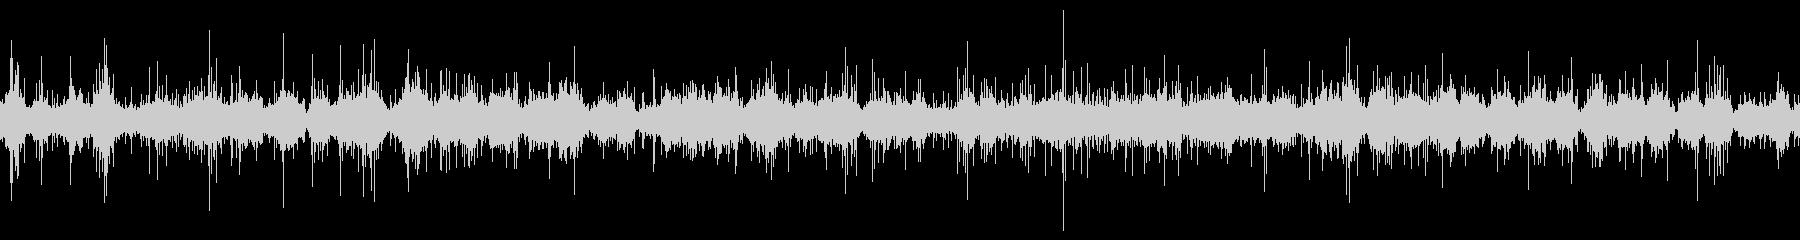 ムードノイズ(環境音)「サラサラ…」4の未再生の波形